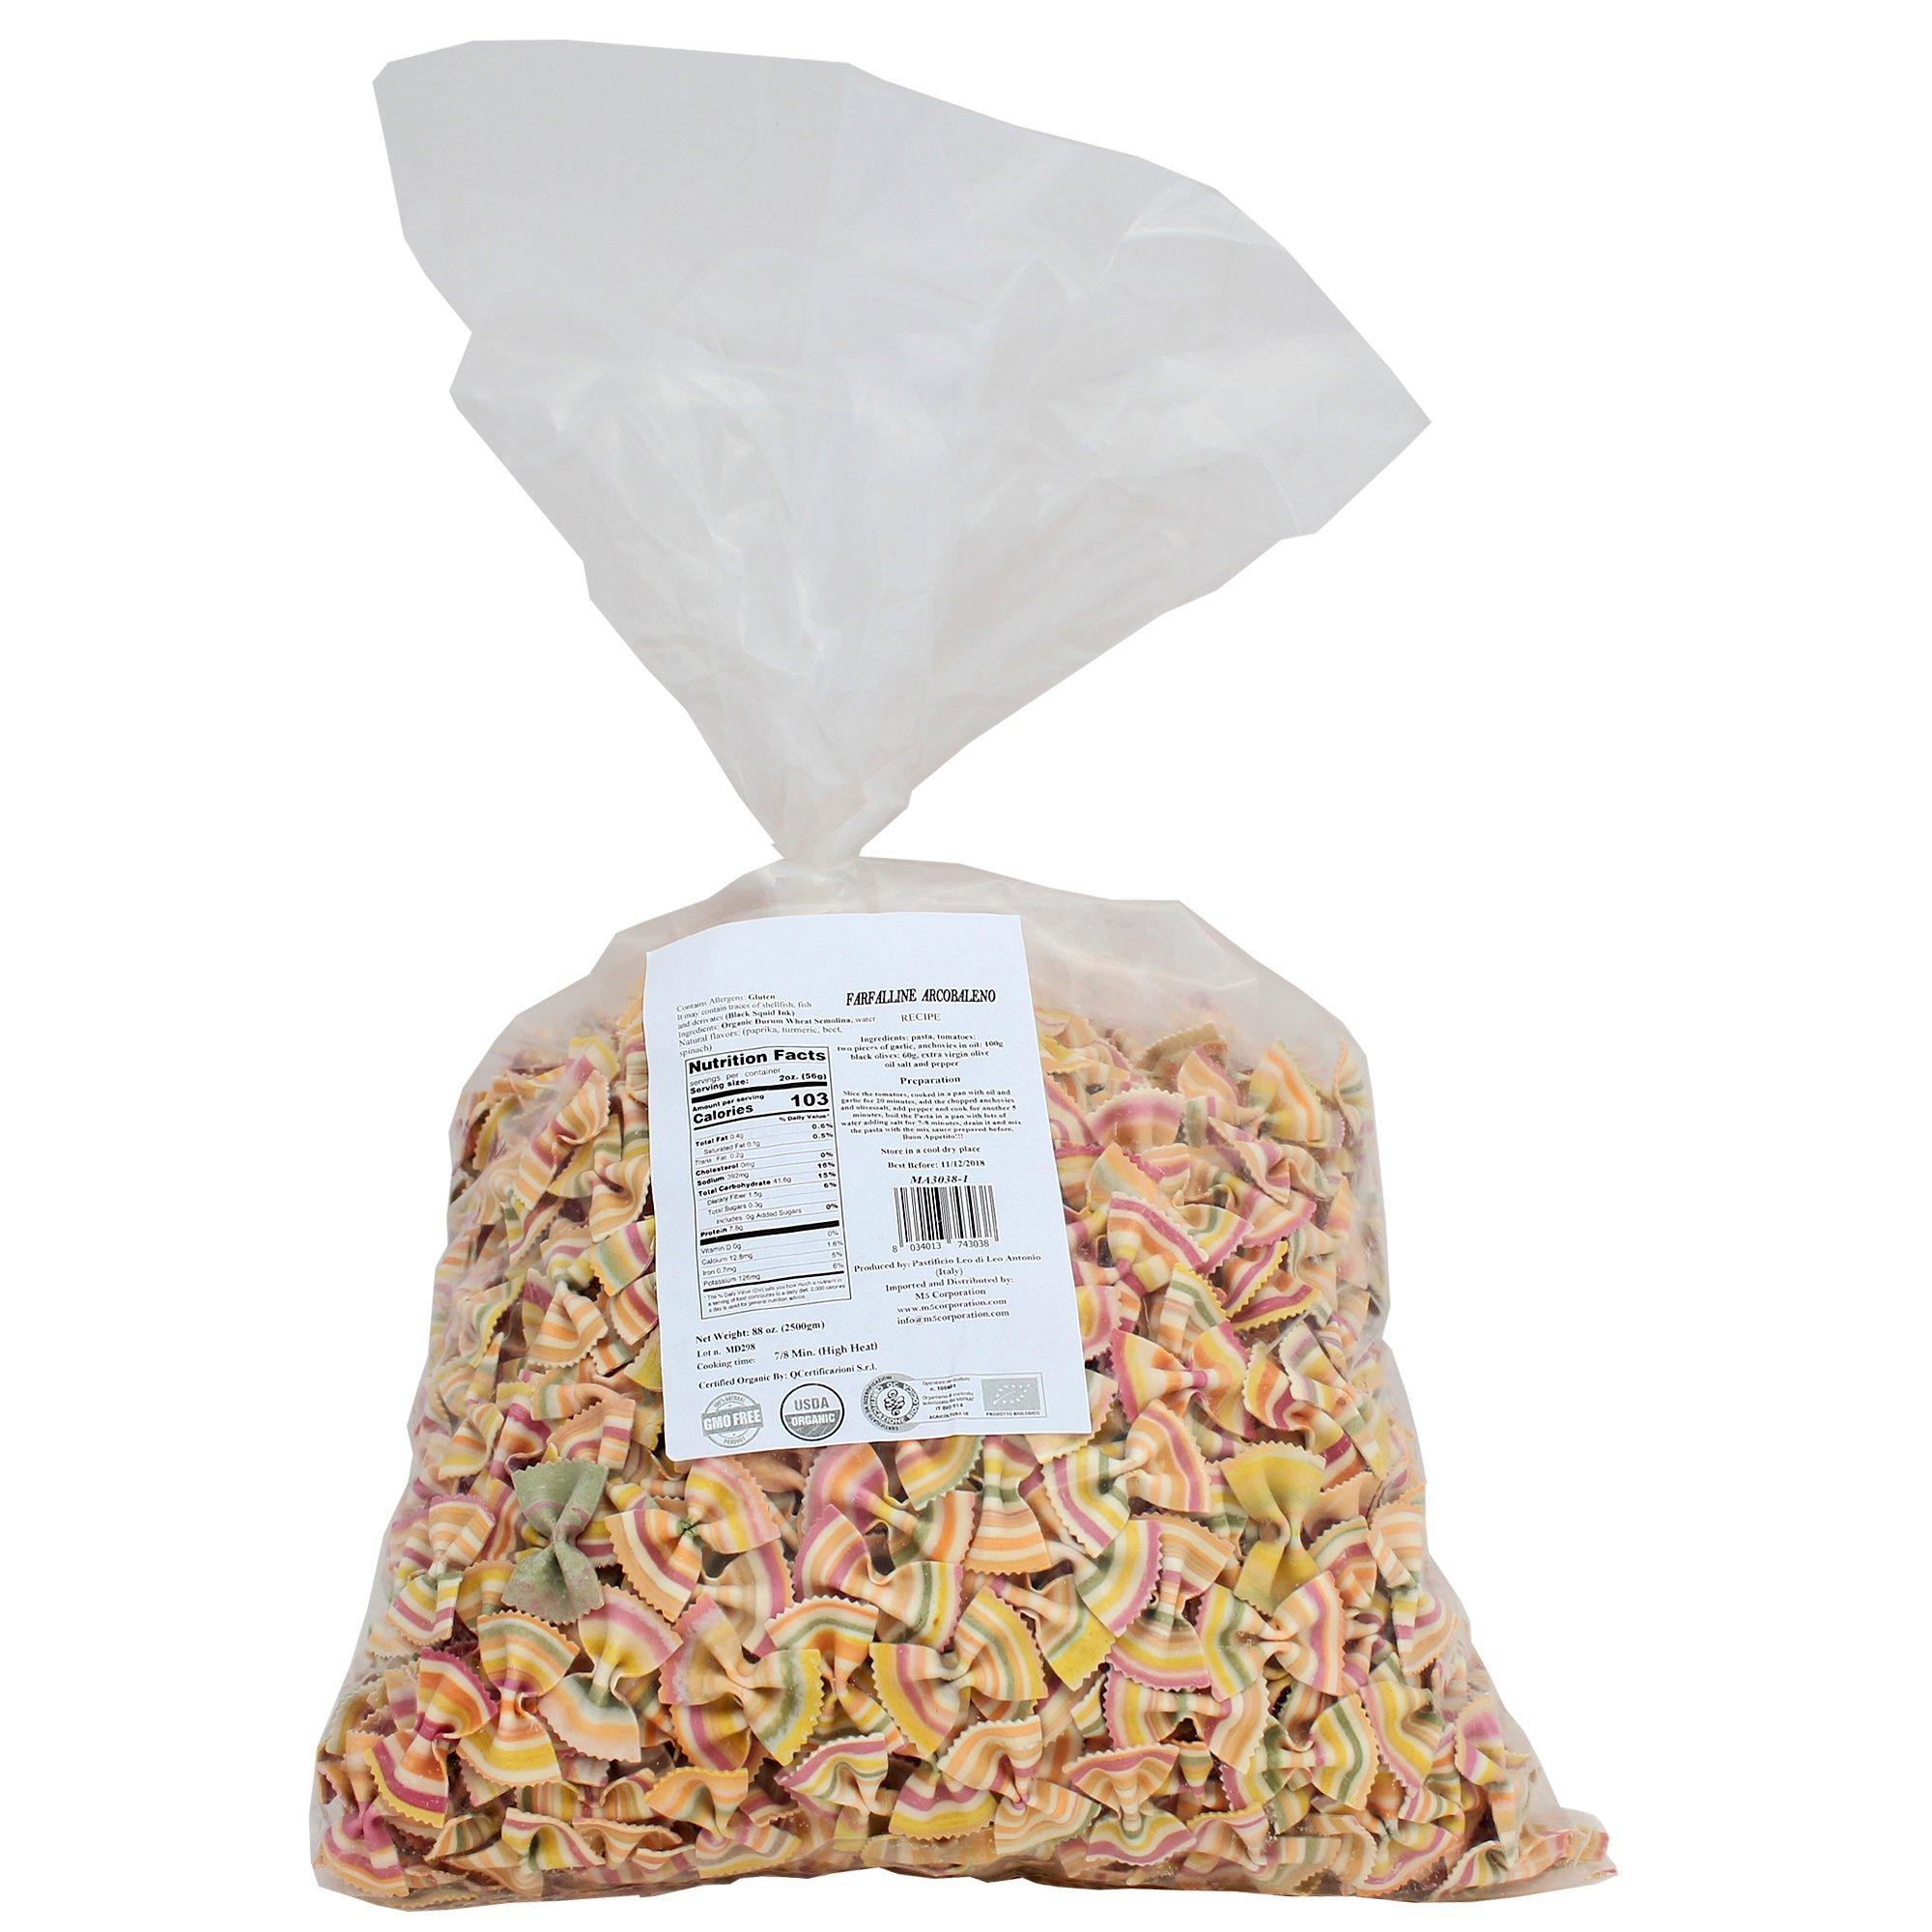 Italian Pasta Fantasia Organic Rainbow Bulk Bowtie Colored Pasta, 2.5 Kg Bag